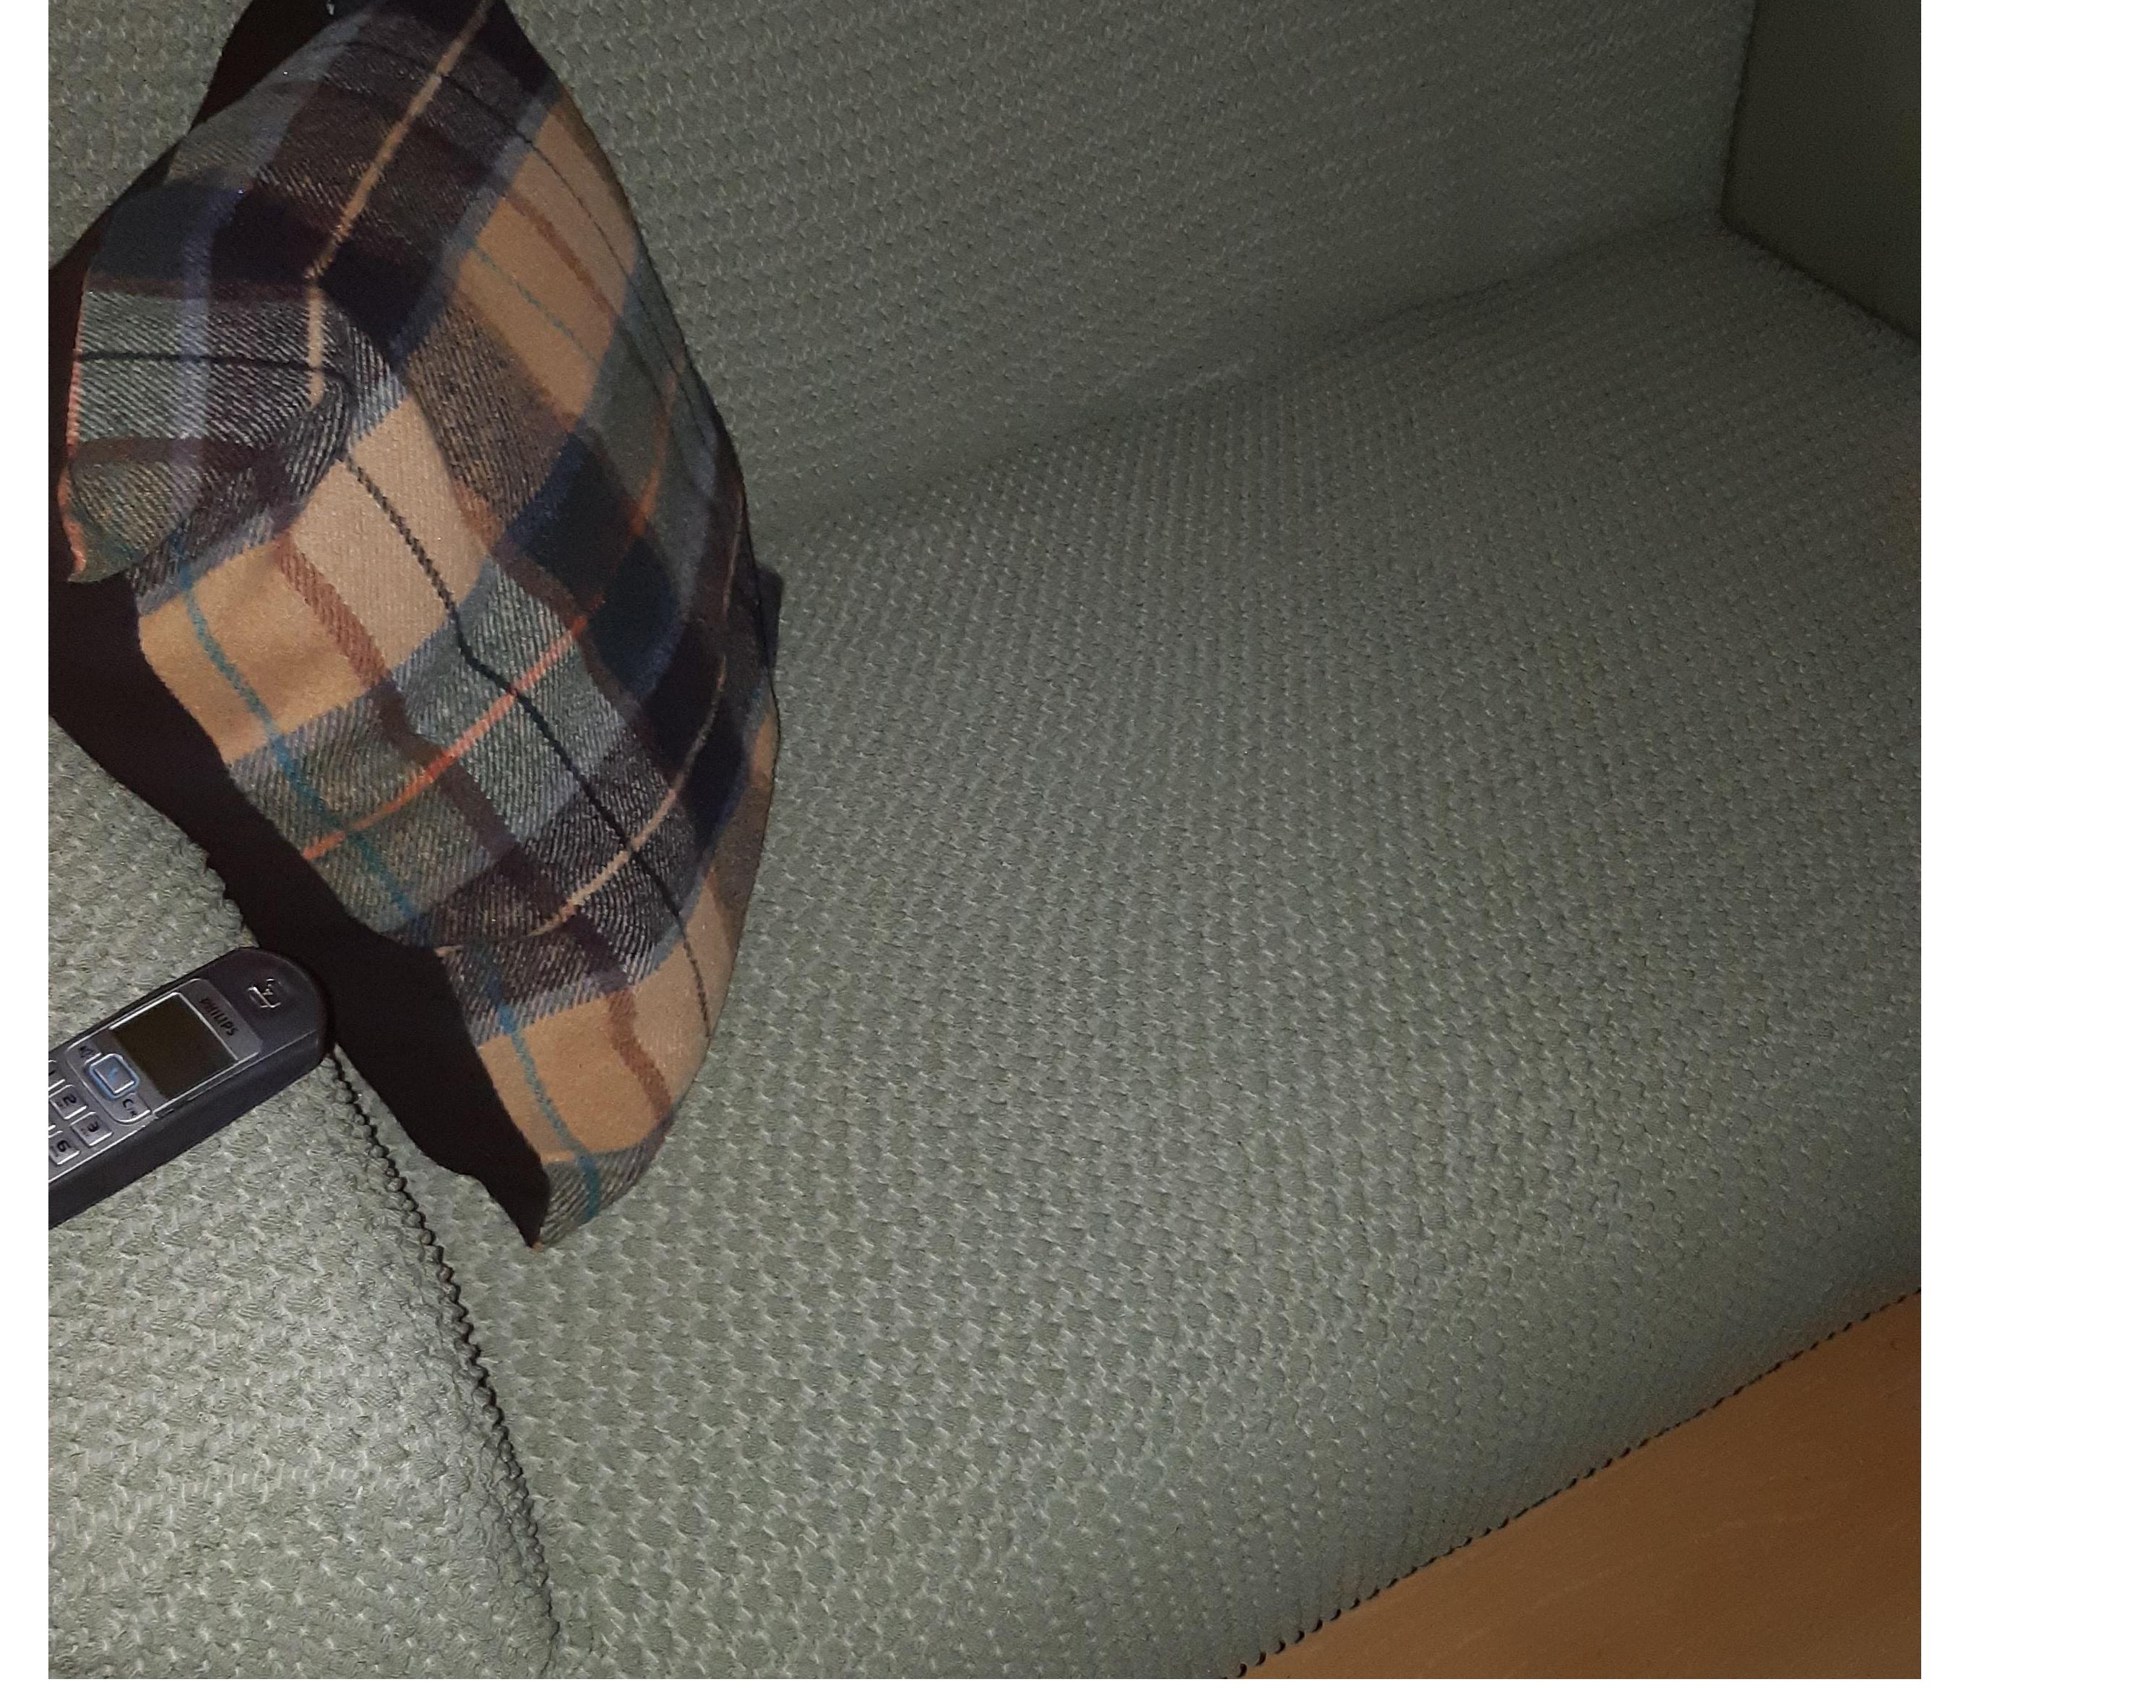 Plastic meubelhoezen per stuk gebruik: Afdekken meubels tegen de poes.....met een groen bankovertrek erover en plastic hoes eronder